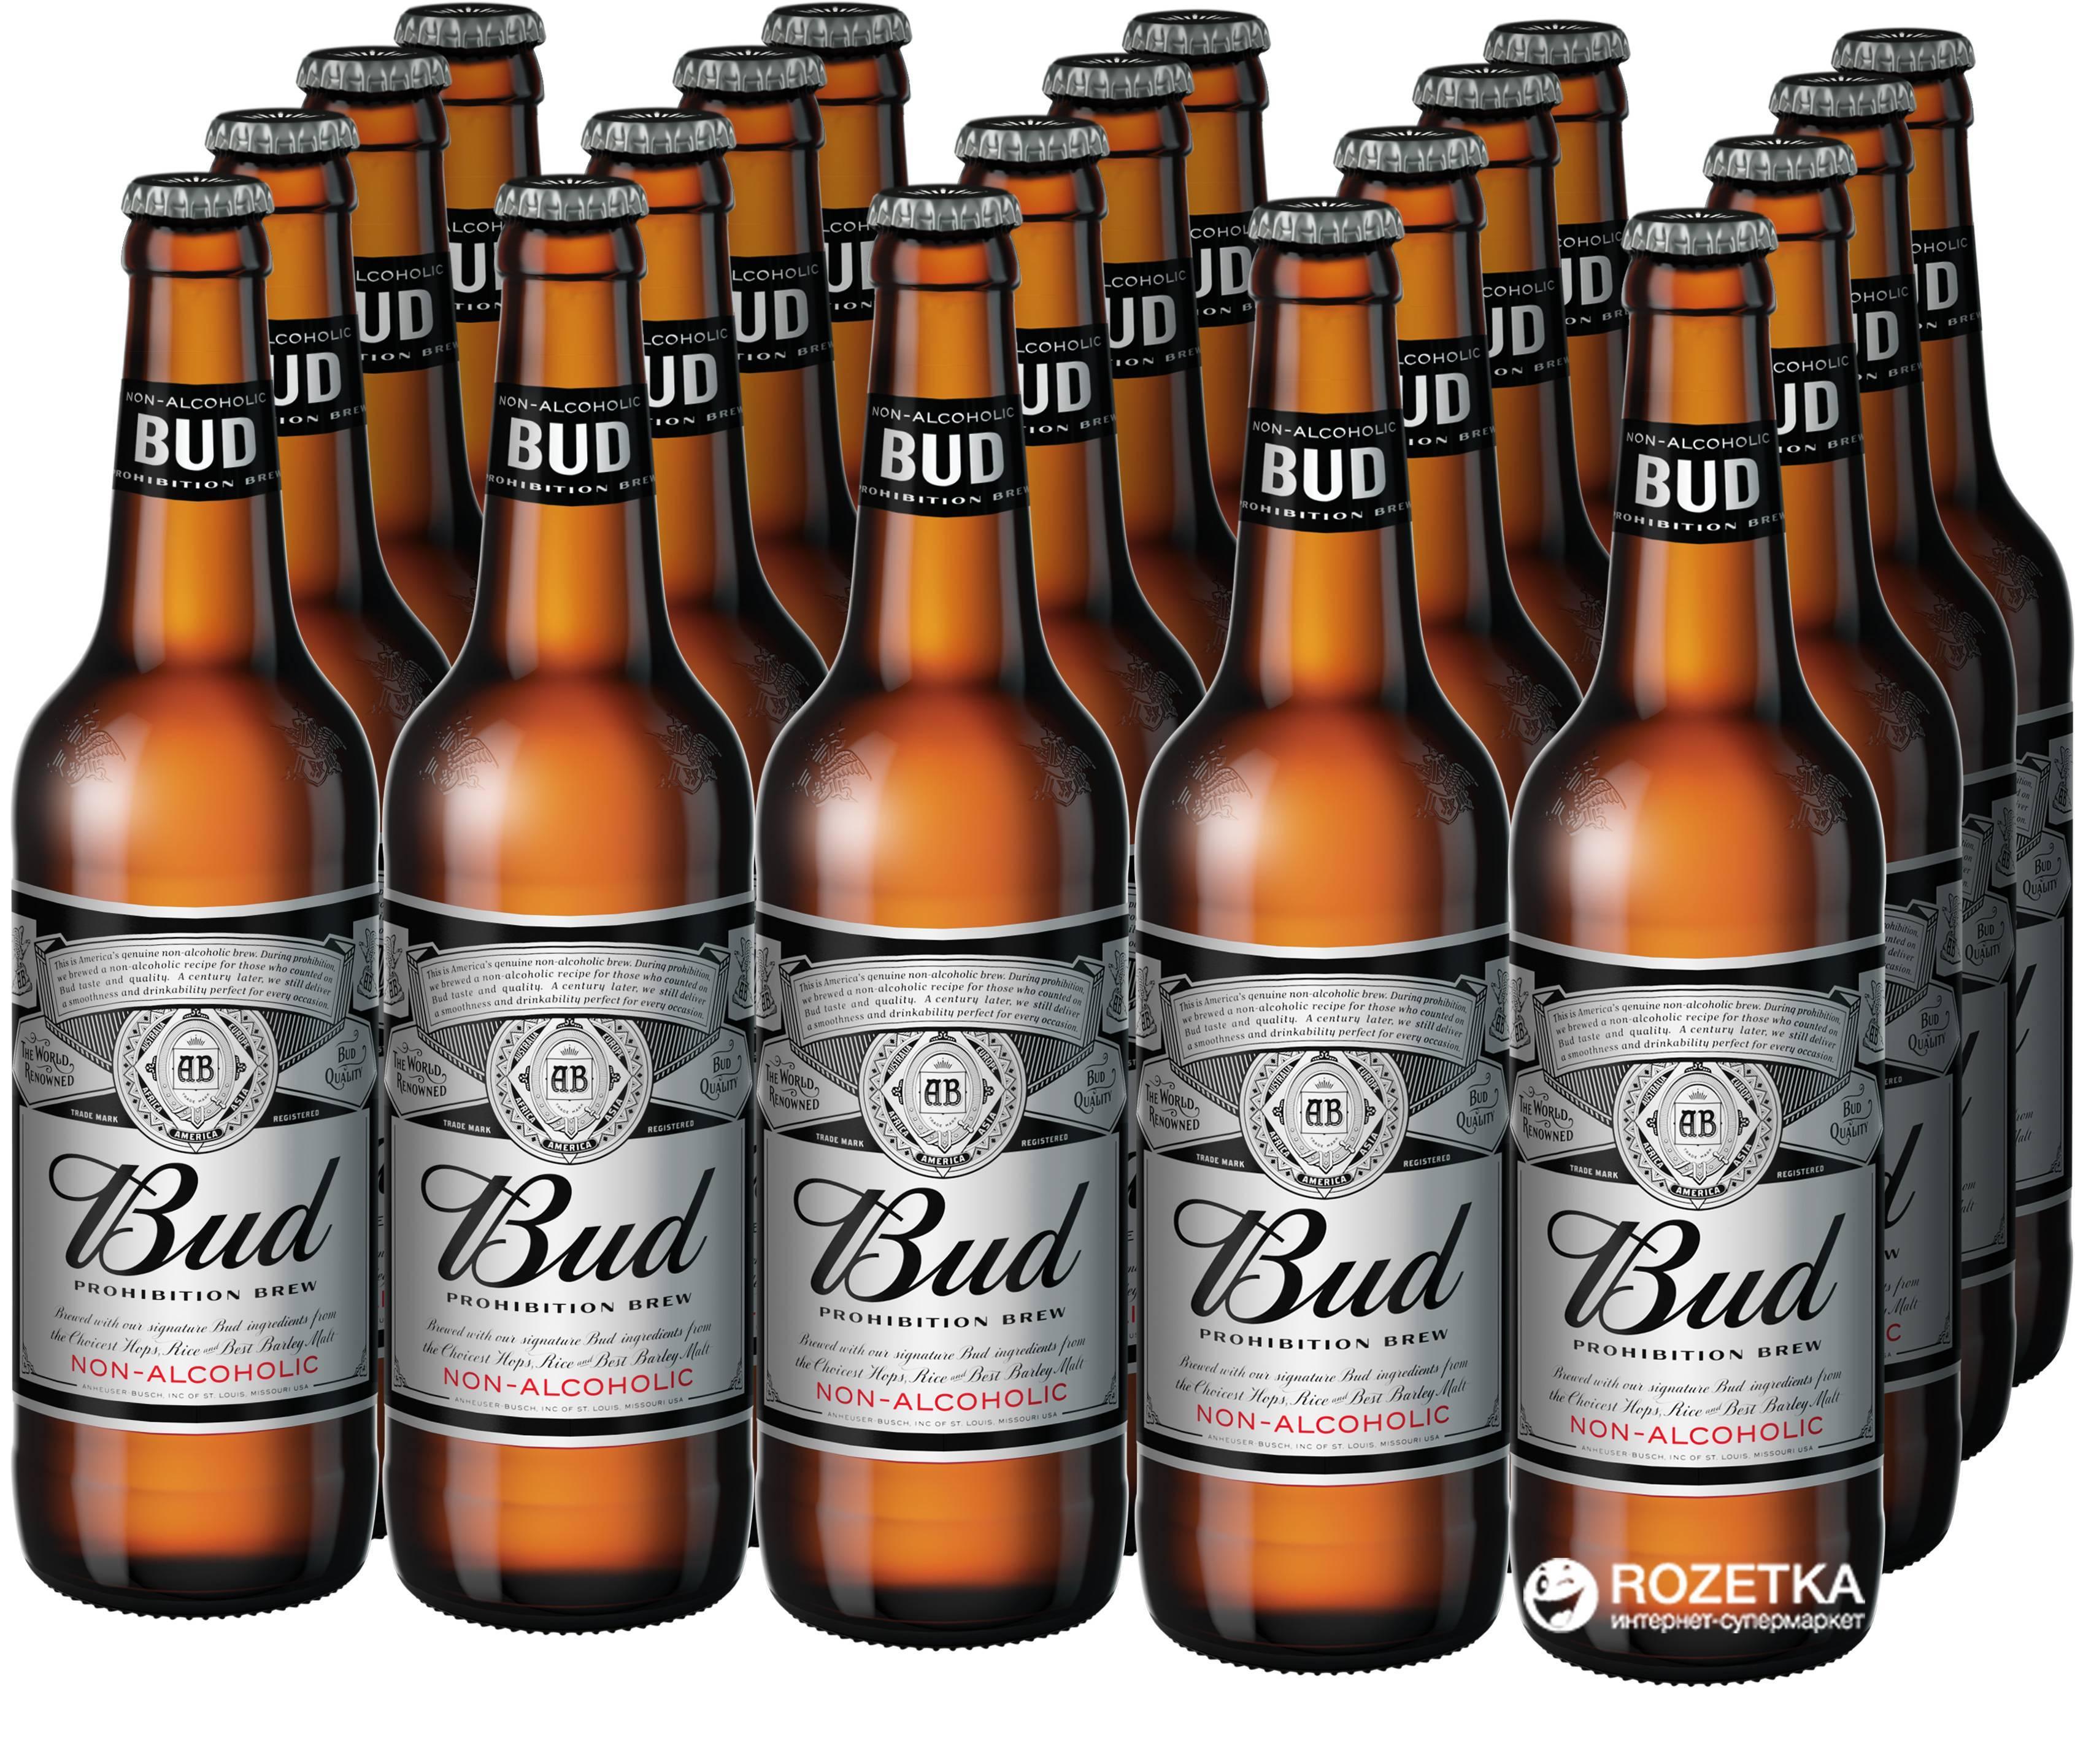 Пиво бад и его главные особенности + видео